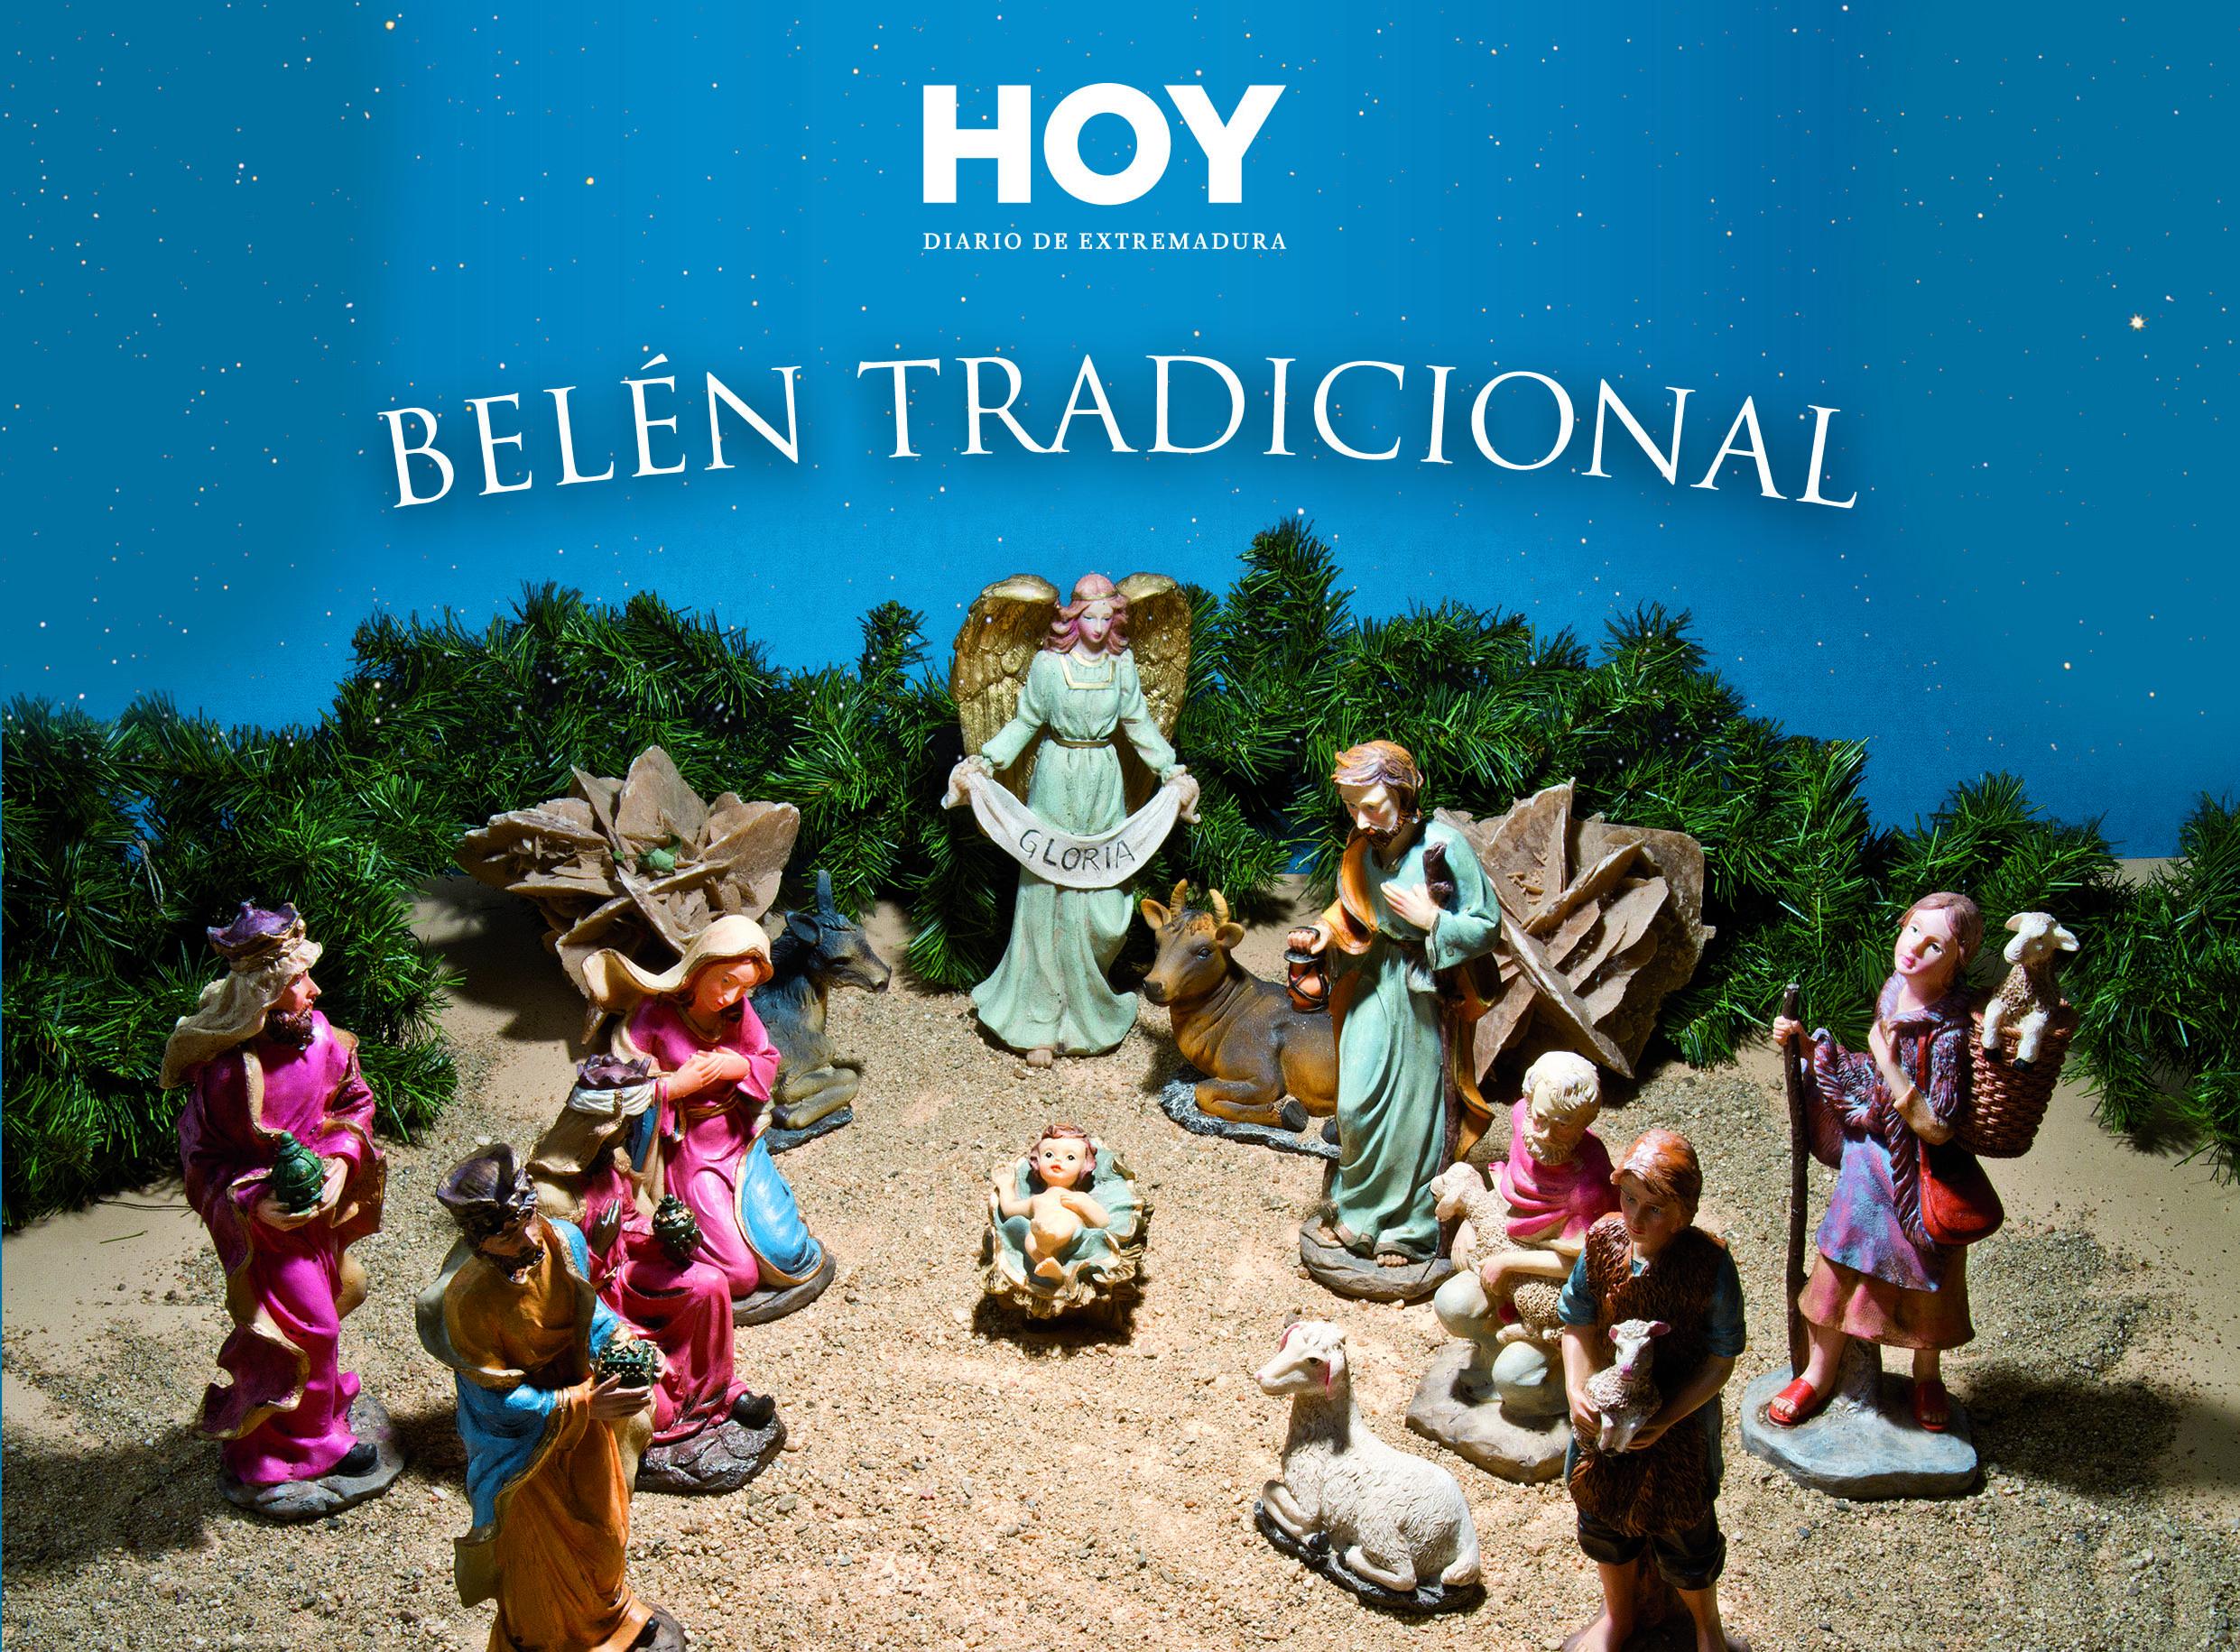 Consigue el Belén tradicional con el Diario HOY